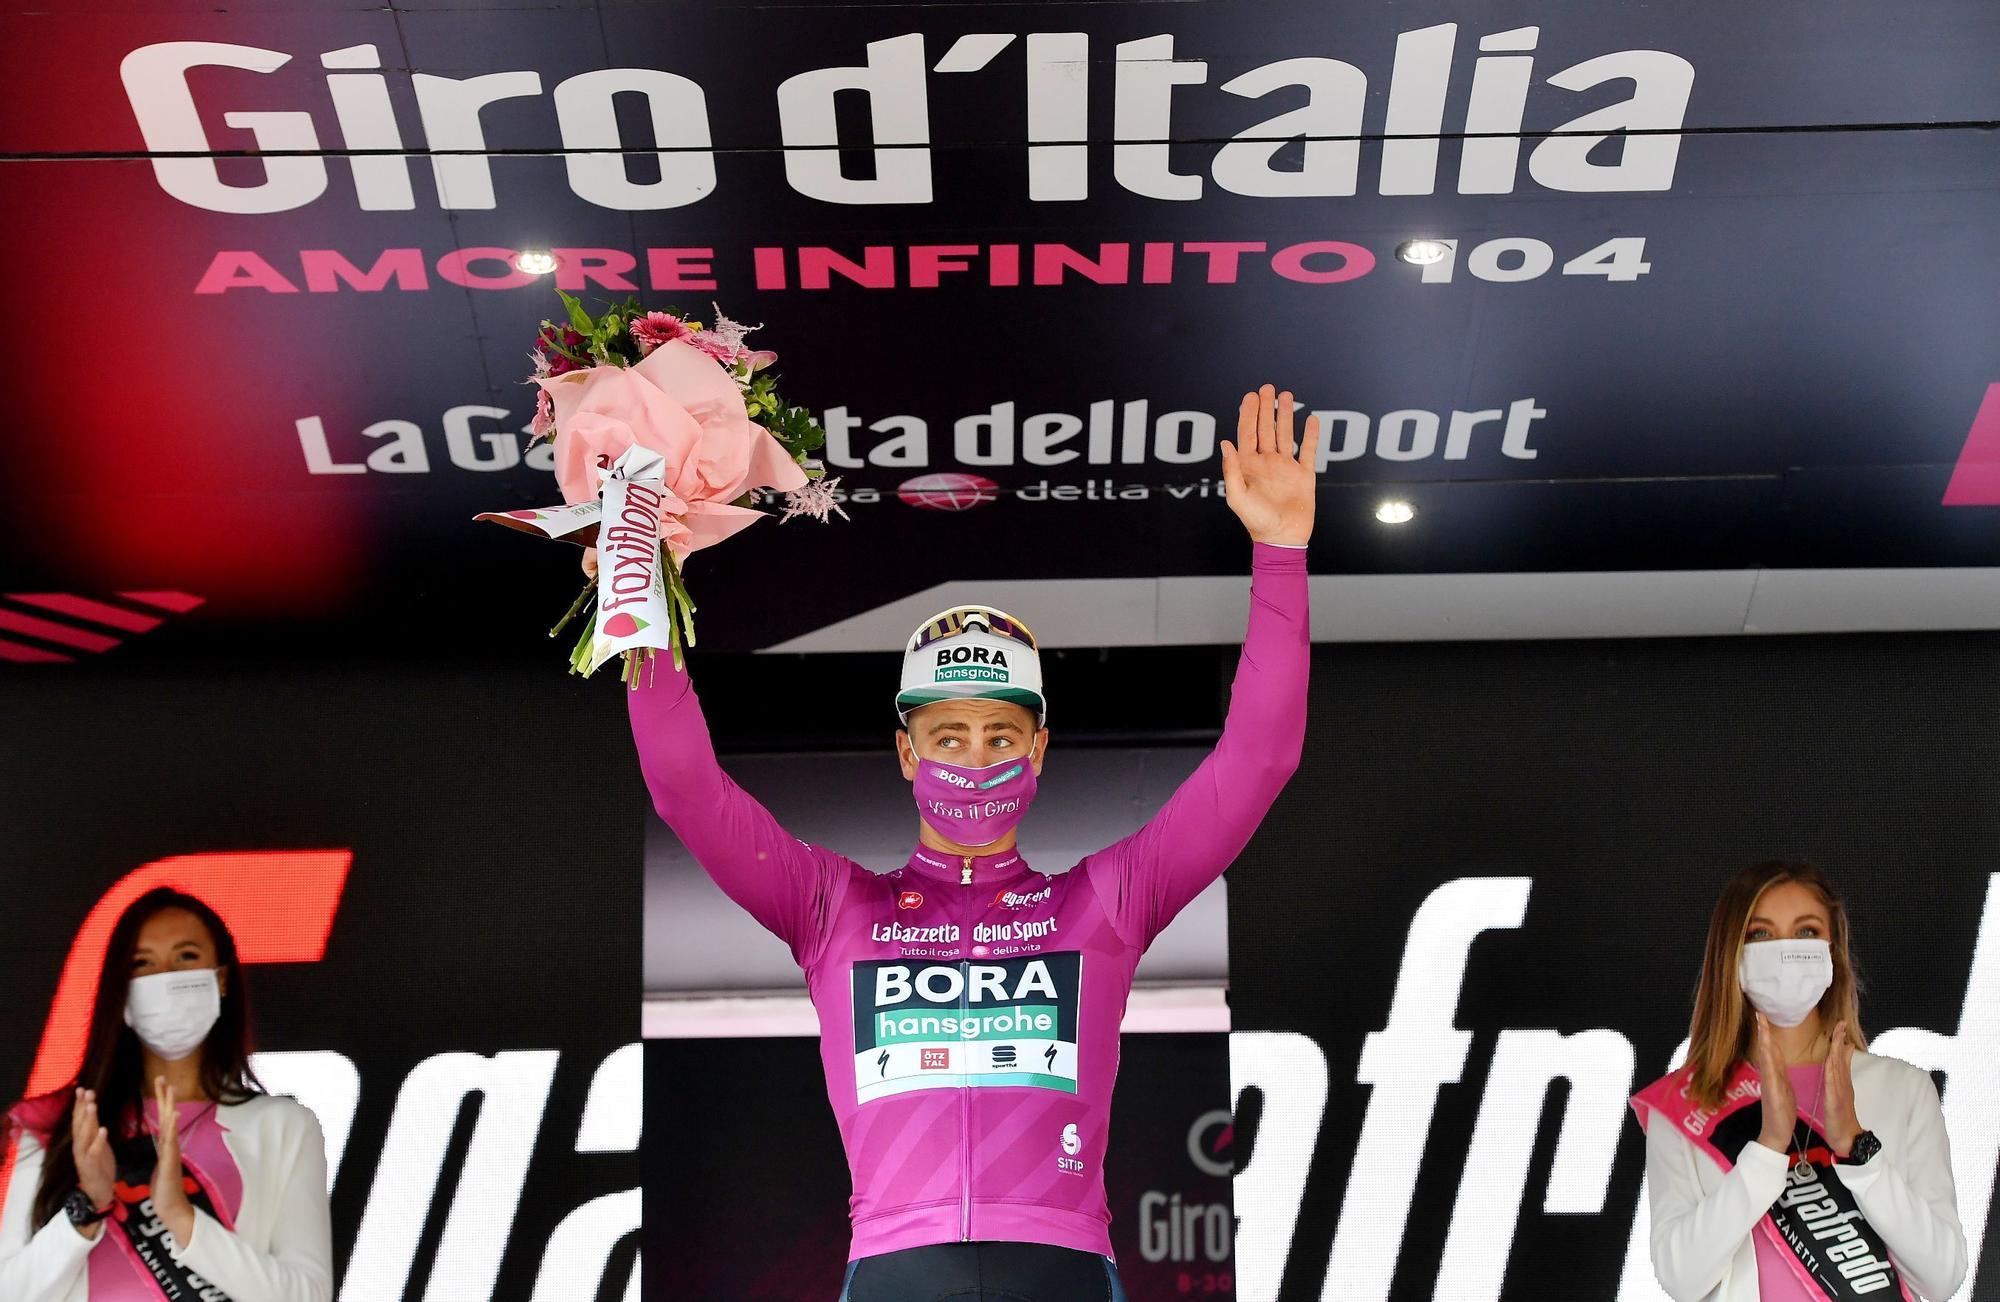 Giro de Italia: Giro de Italia: